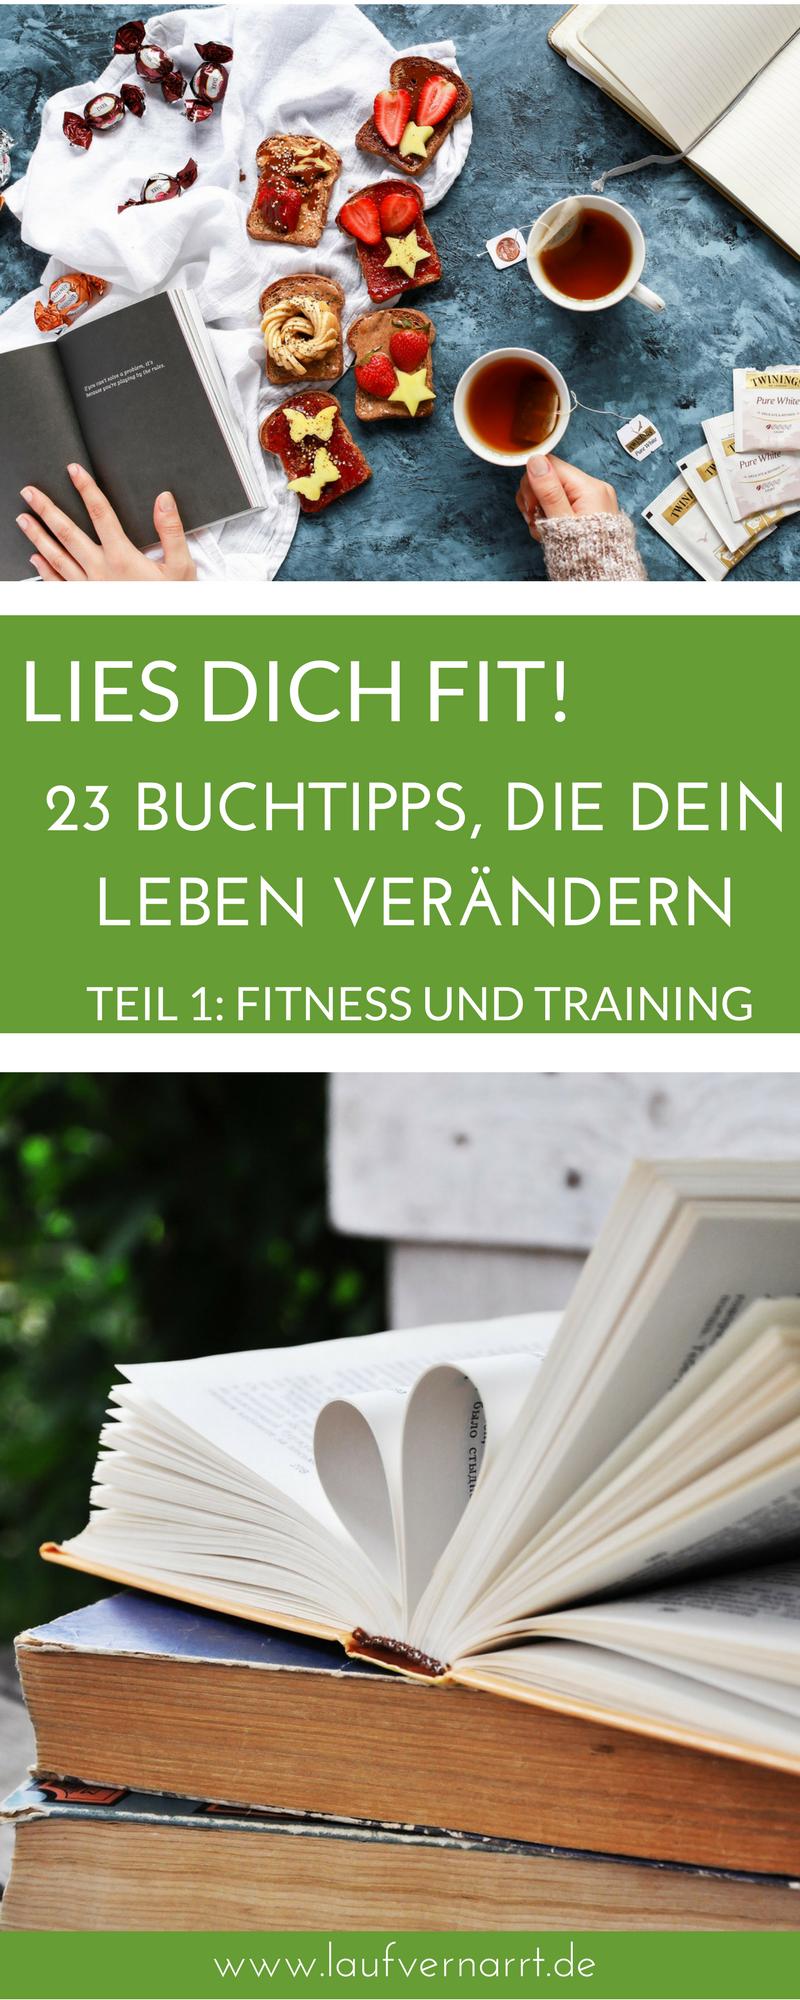 Lies dich fit! 23 Buchtipps, die dein Leben verändern (Teil 1 - Fitness) - Laufvernarrt